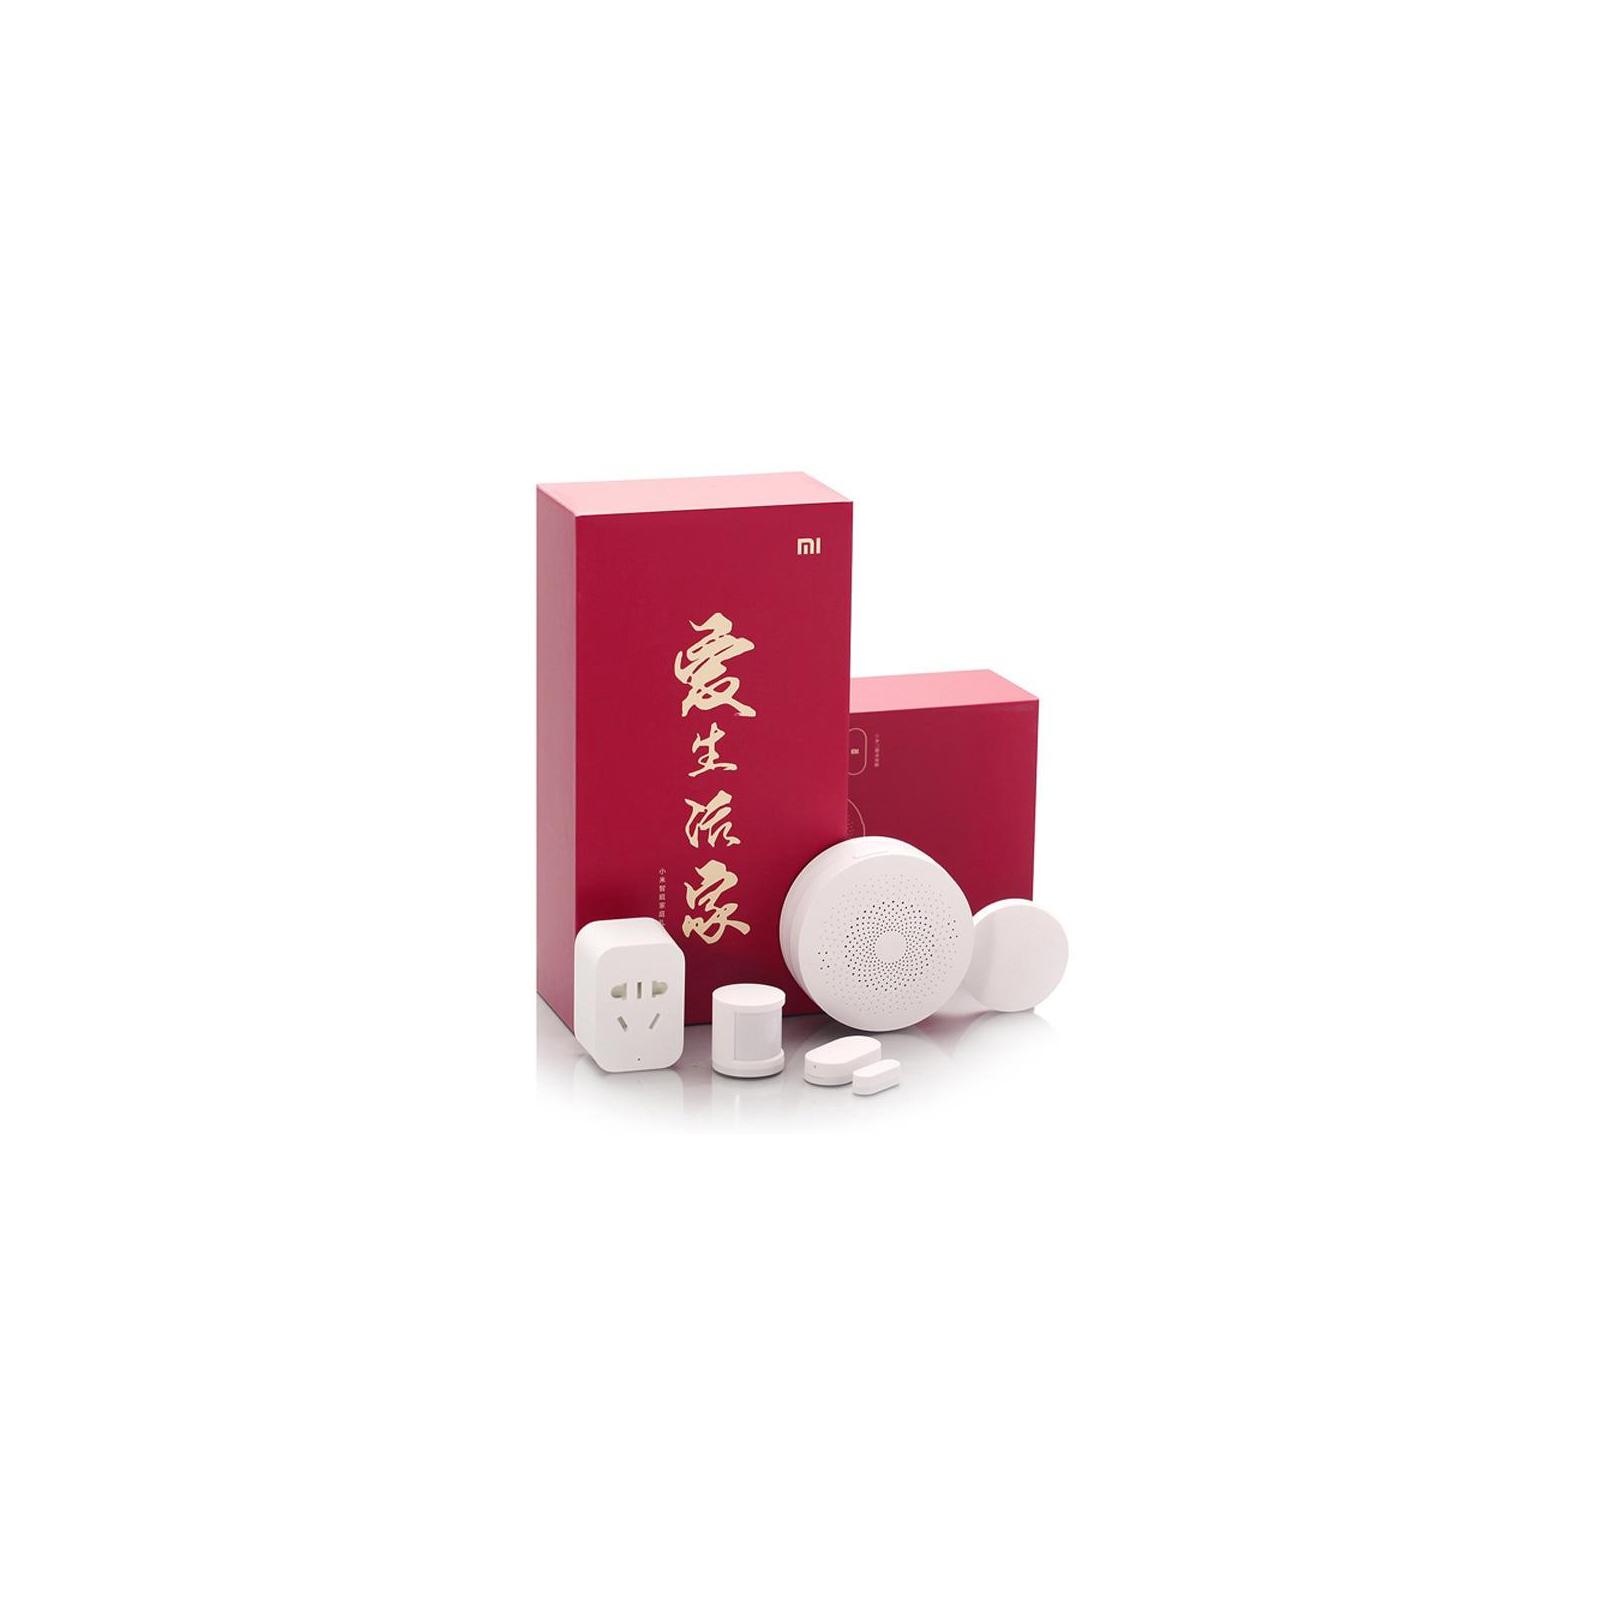 Комплект охранной сигнализации Xiaomi набор Mijia Smart Home Set (YTC4023CN) изображение 2